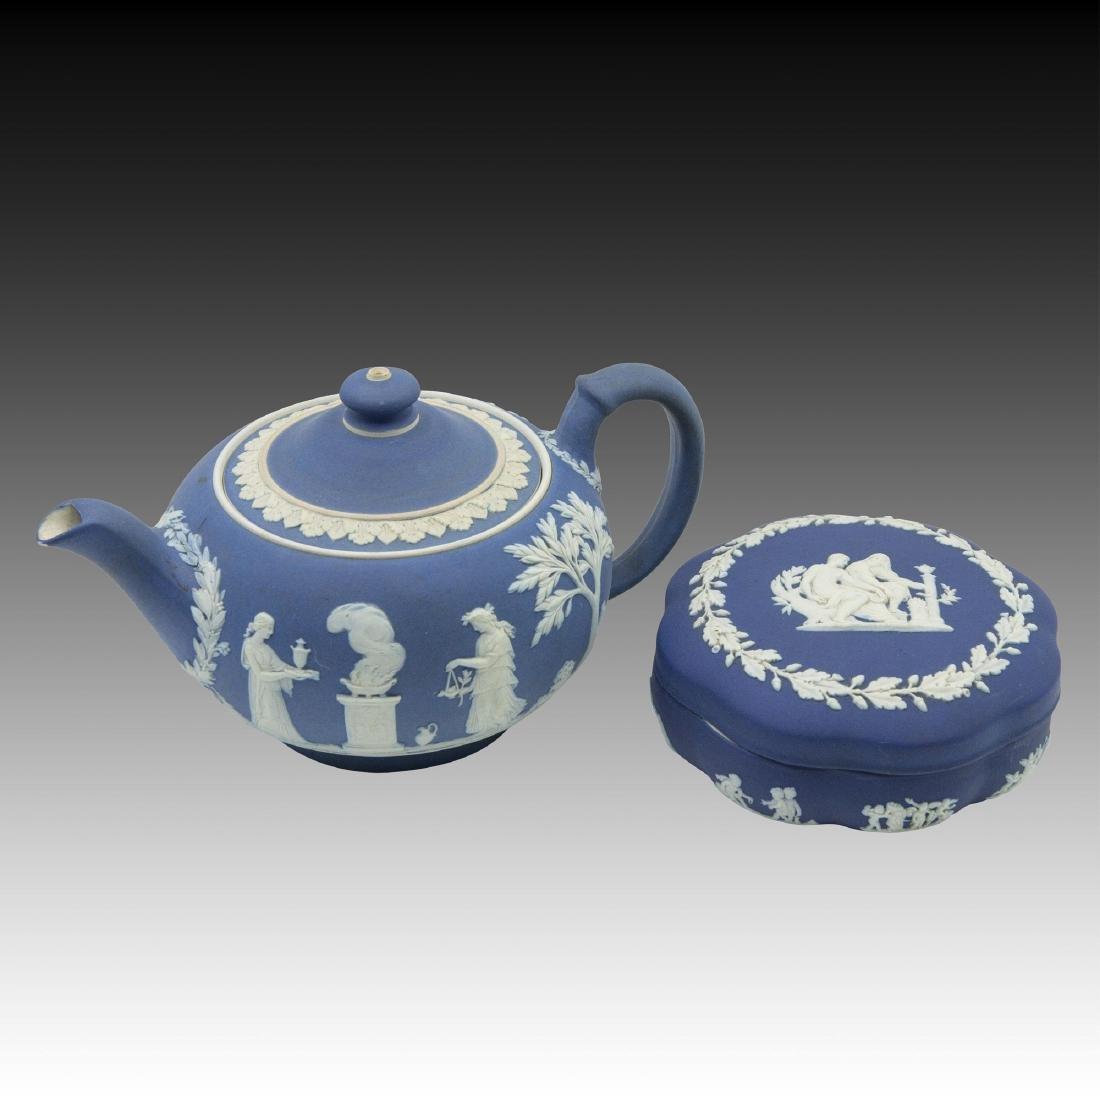 2 Royal Blue Wedgwood Jasperware incl. Teapot